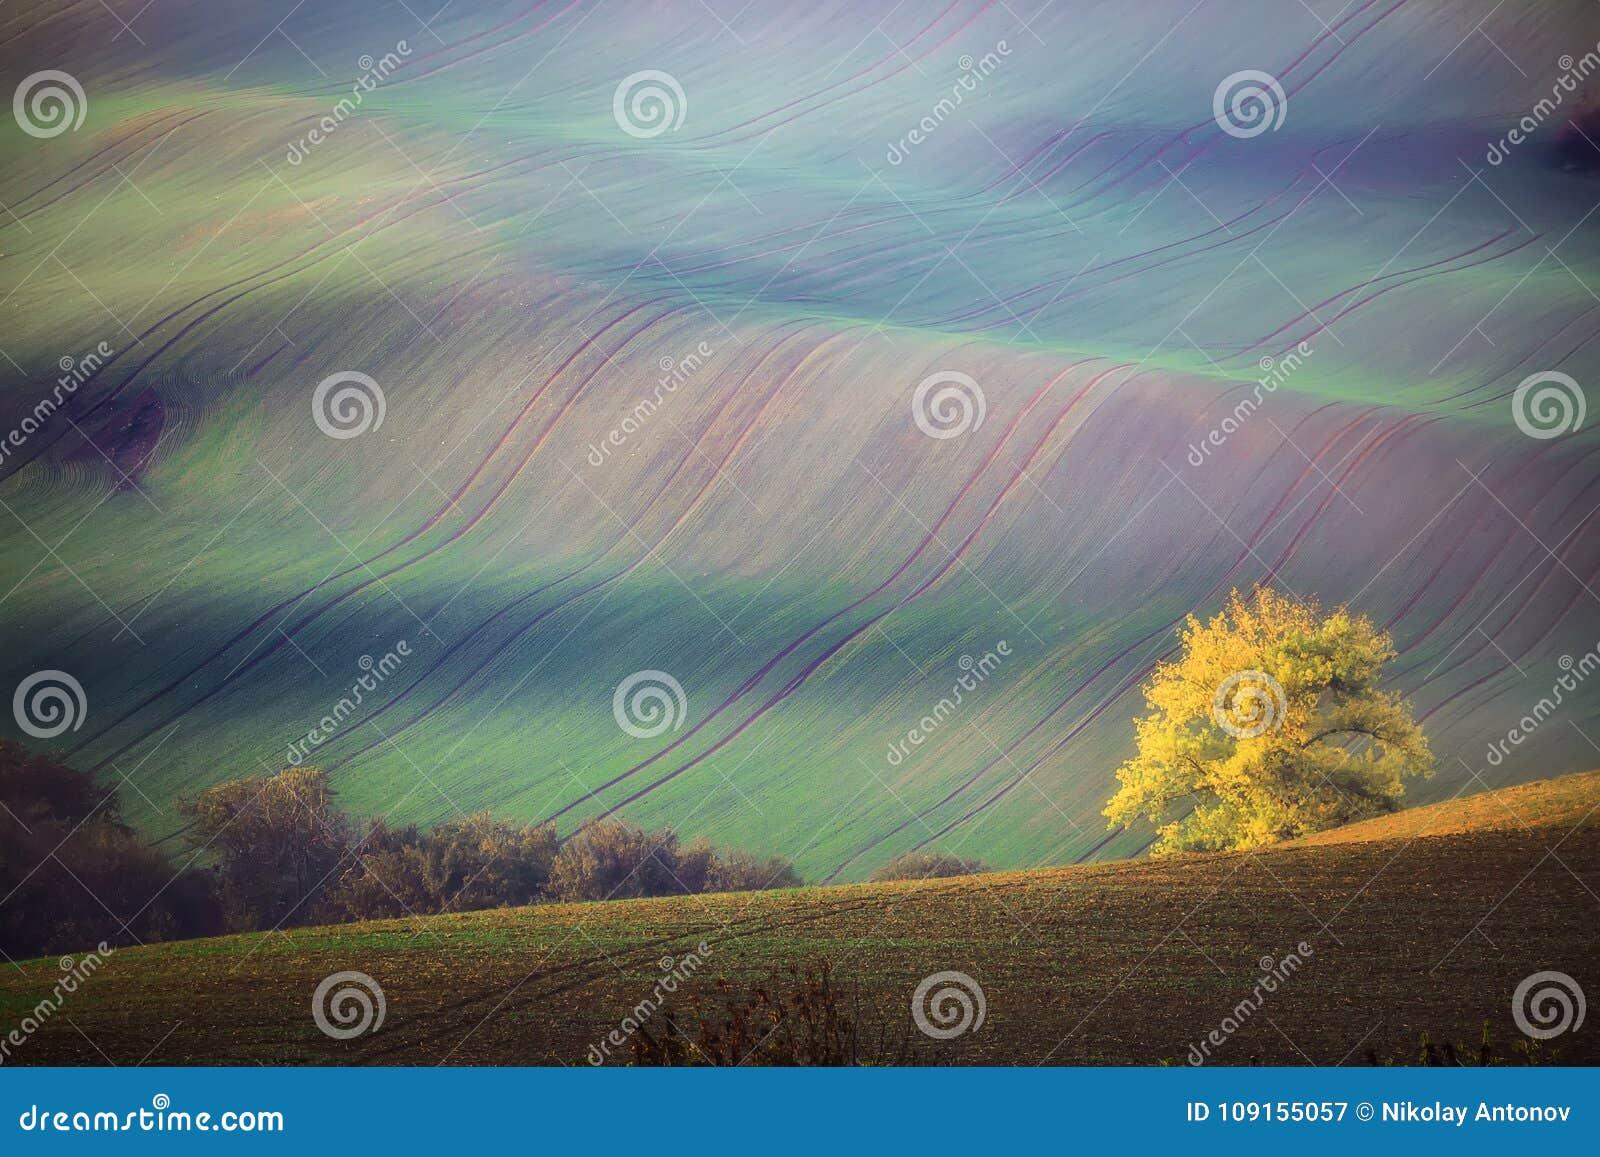 Süd-Moravian-Landschaft mit Bäumen und gewellten grünen Feldern im Herbst Gewellte Felder in der Tschechischen Republik Tscheche